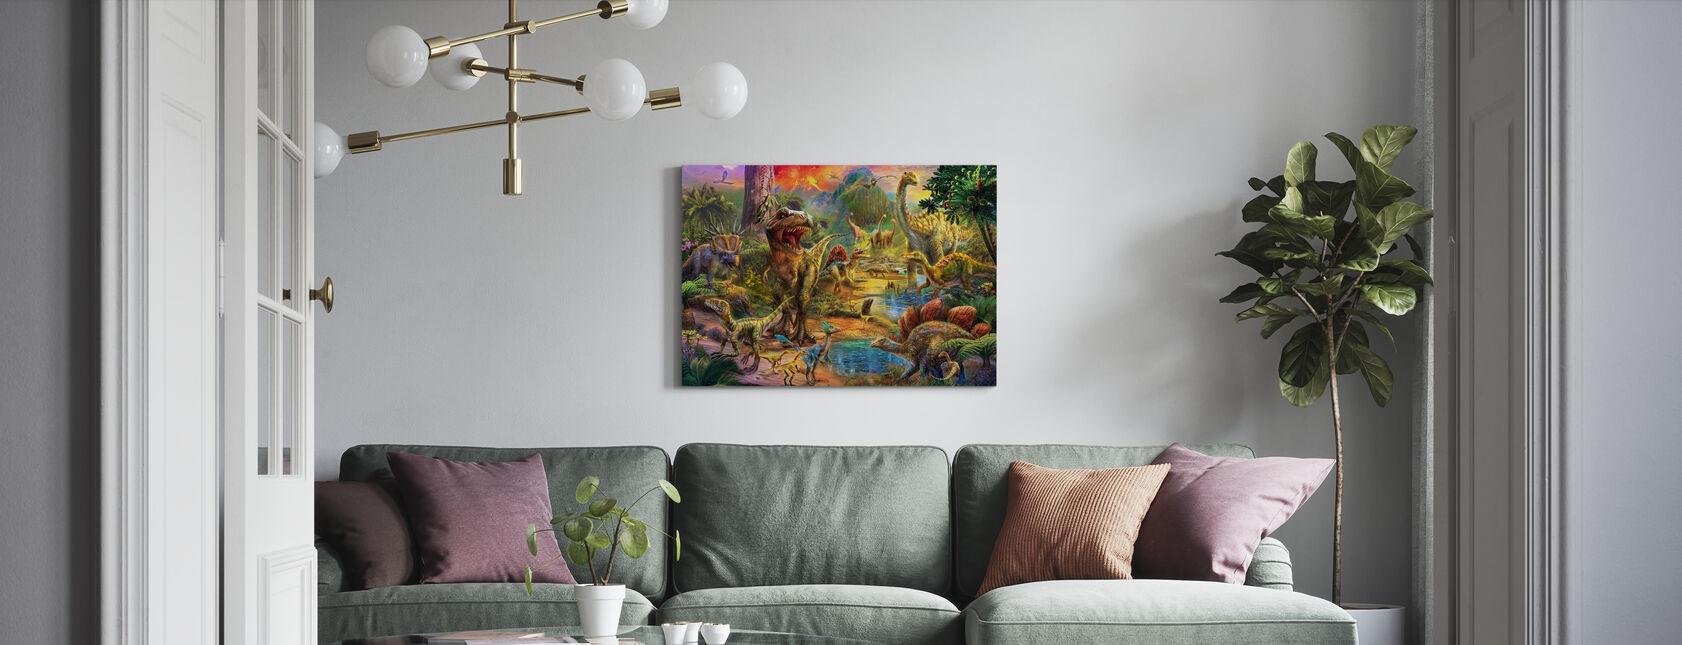 Landschap van Dinosaurussen - Canvas print - Woonkamer